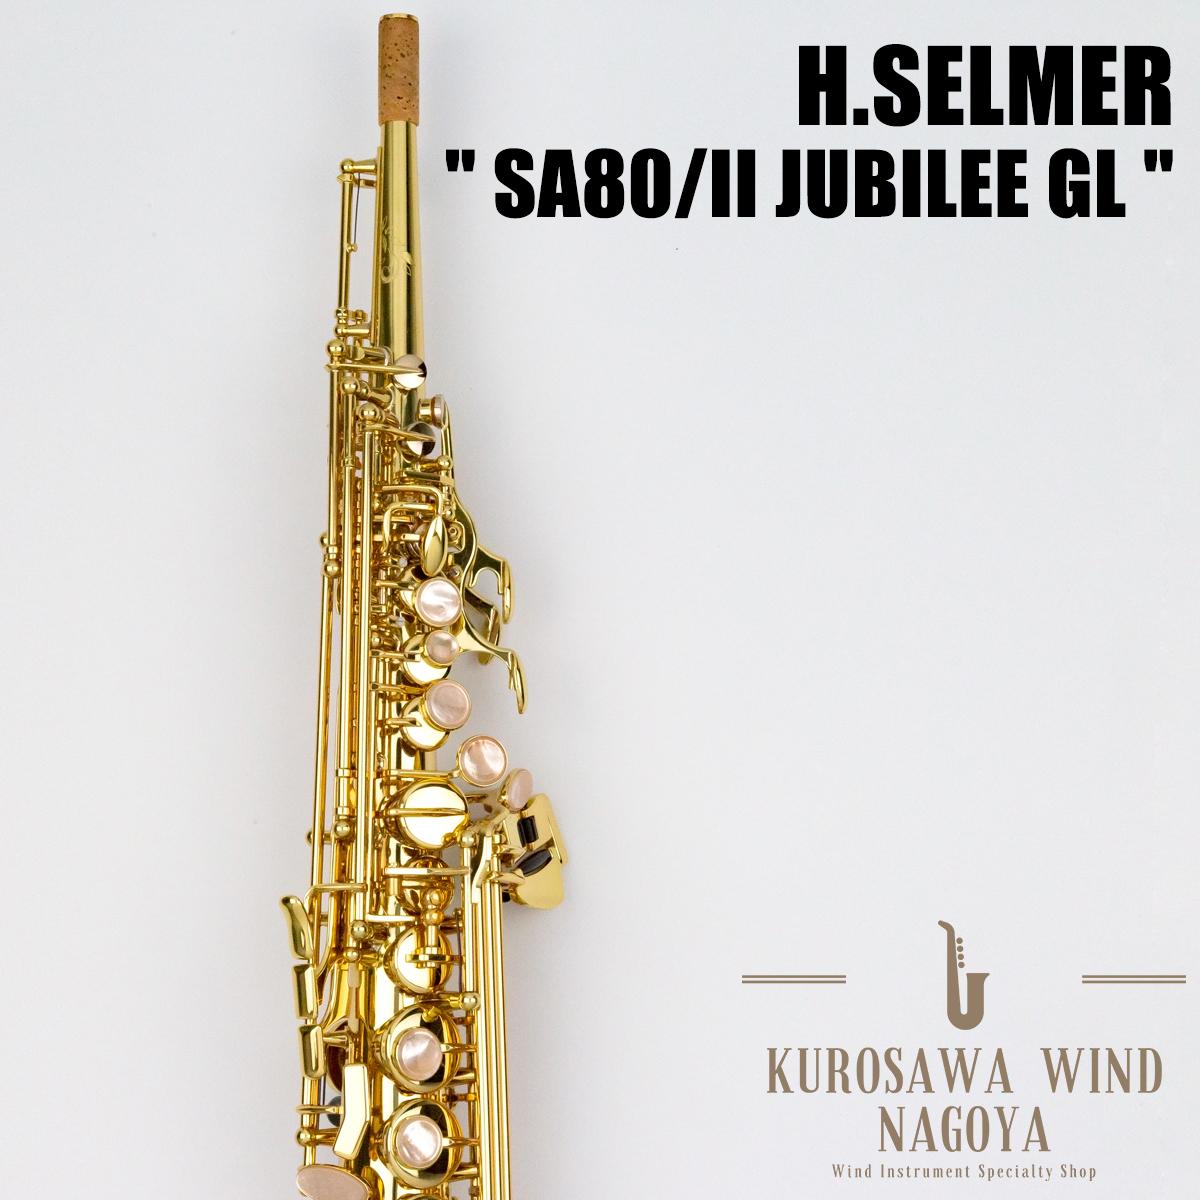 《新着入荷品 》 ソプラノサックス 送料無料 管楽器専門店 H.SELMER 正規認証品!新規格 SOPRANO SA80 SERIE II E Jubilee シリーズ2 Wind GL Nagoya 新品 オンラインショップ セルマー W